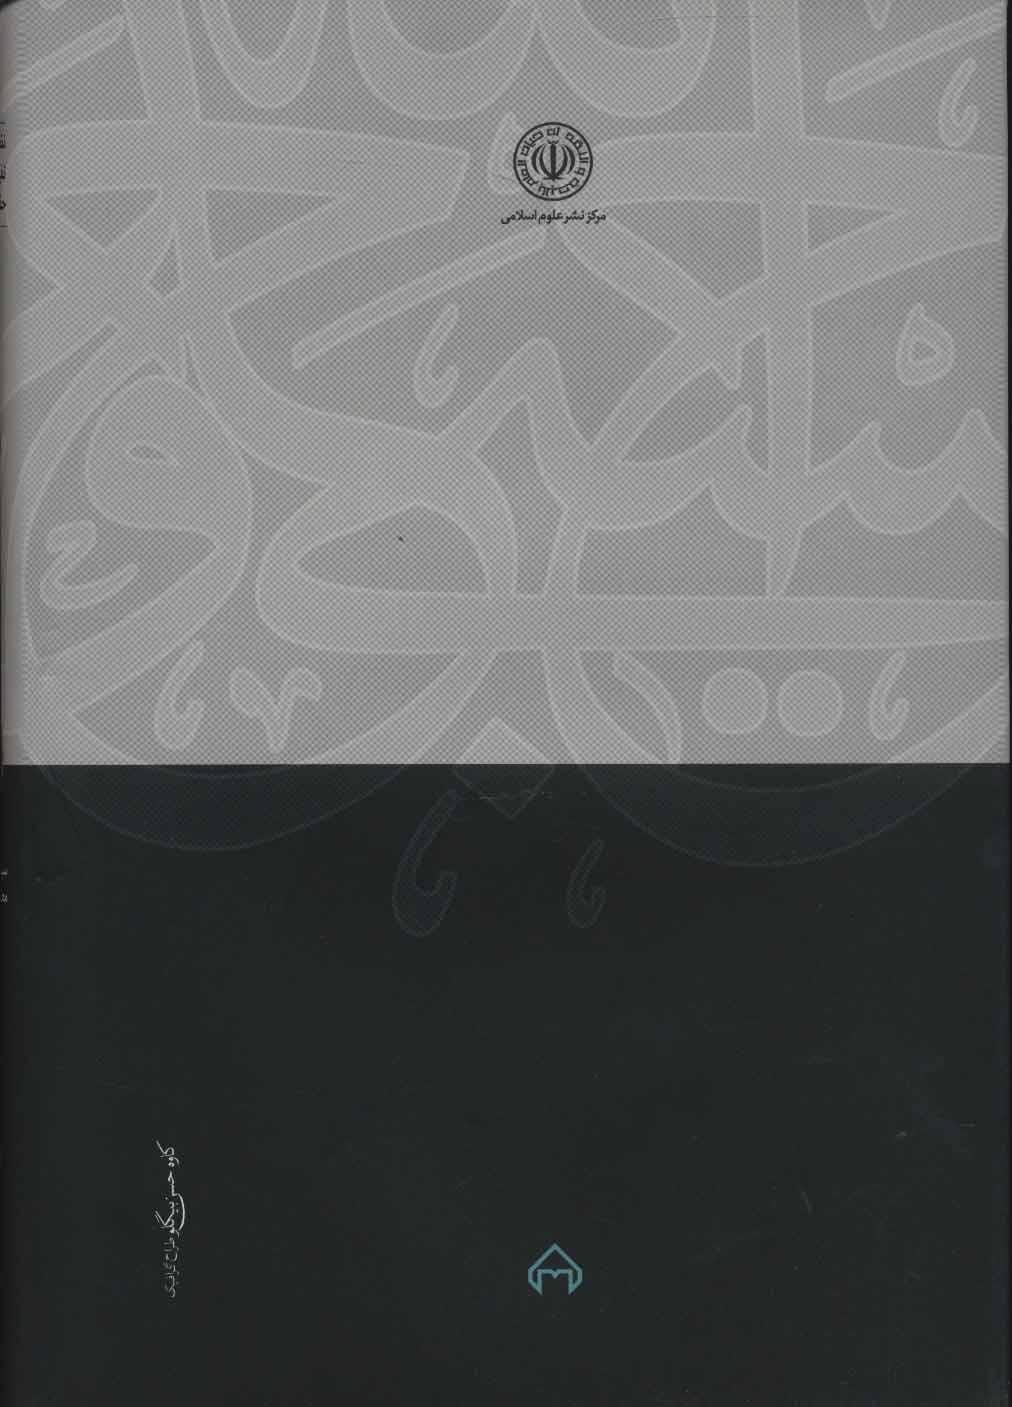 نظریه عمومی نفی دشواری در حقوق اسلامی